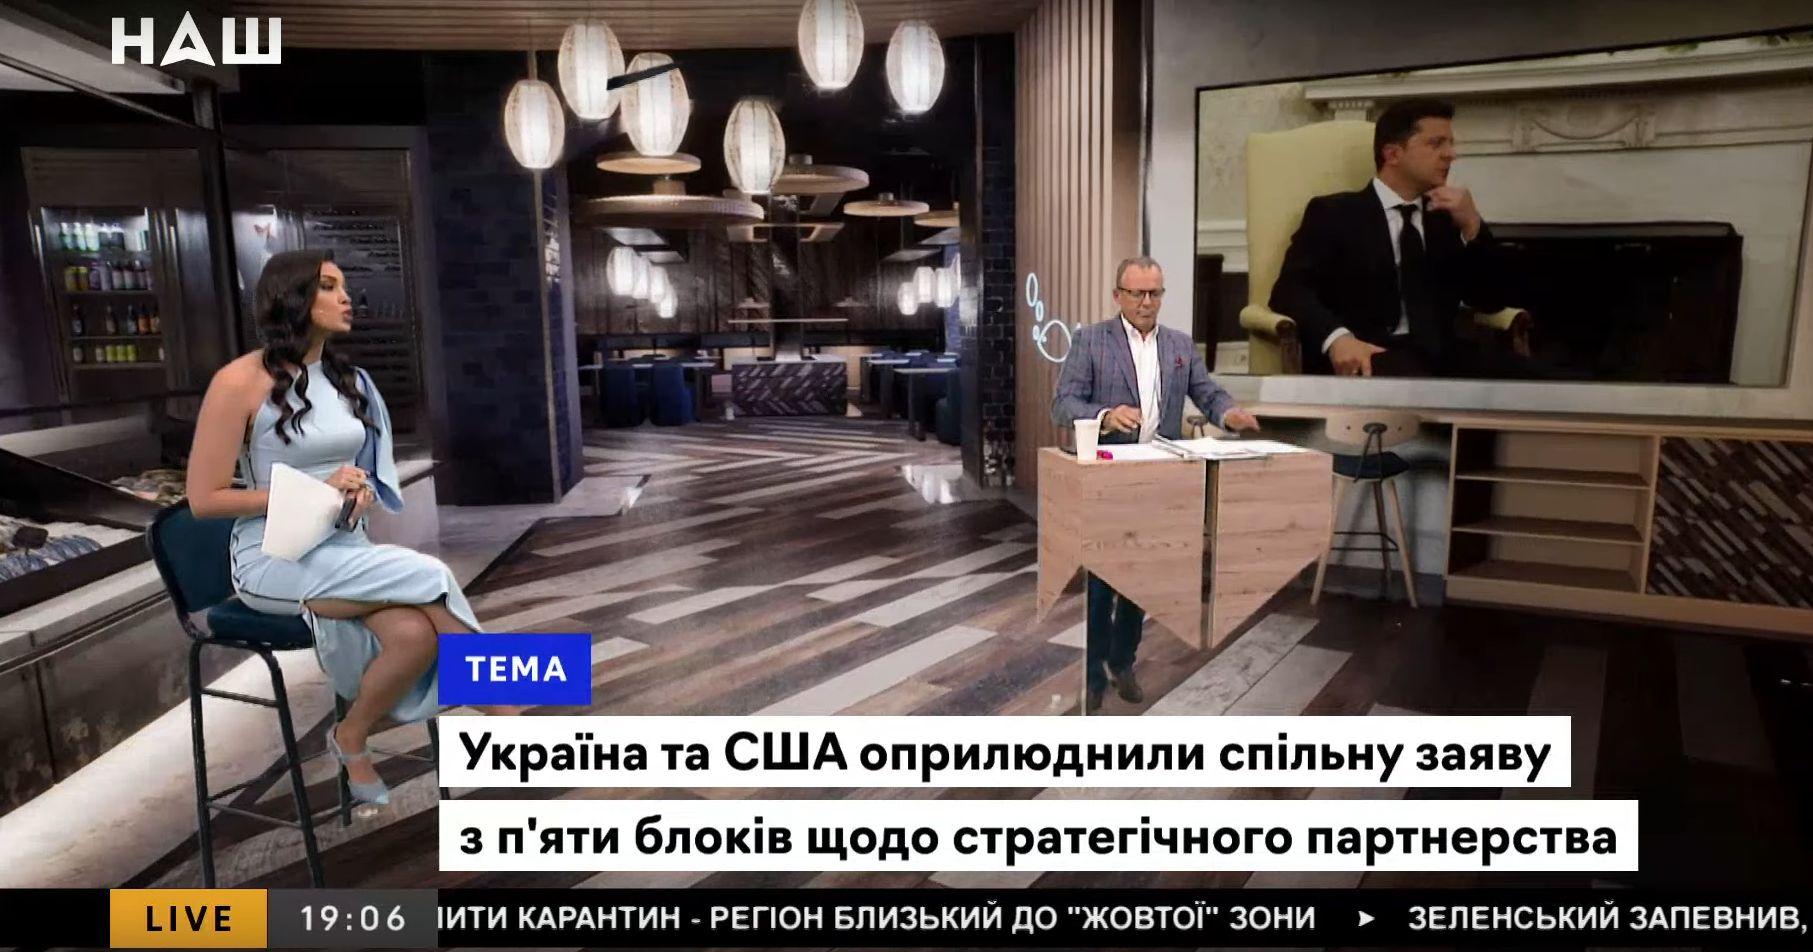 ПОДРОБНО о встрече Зеленского с Байденом 02.09.21